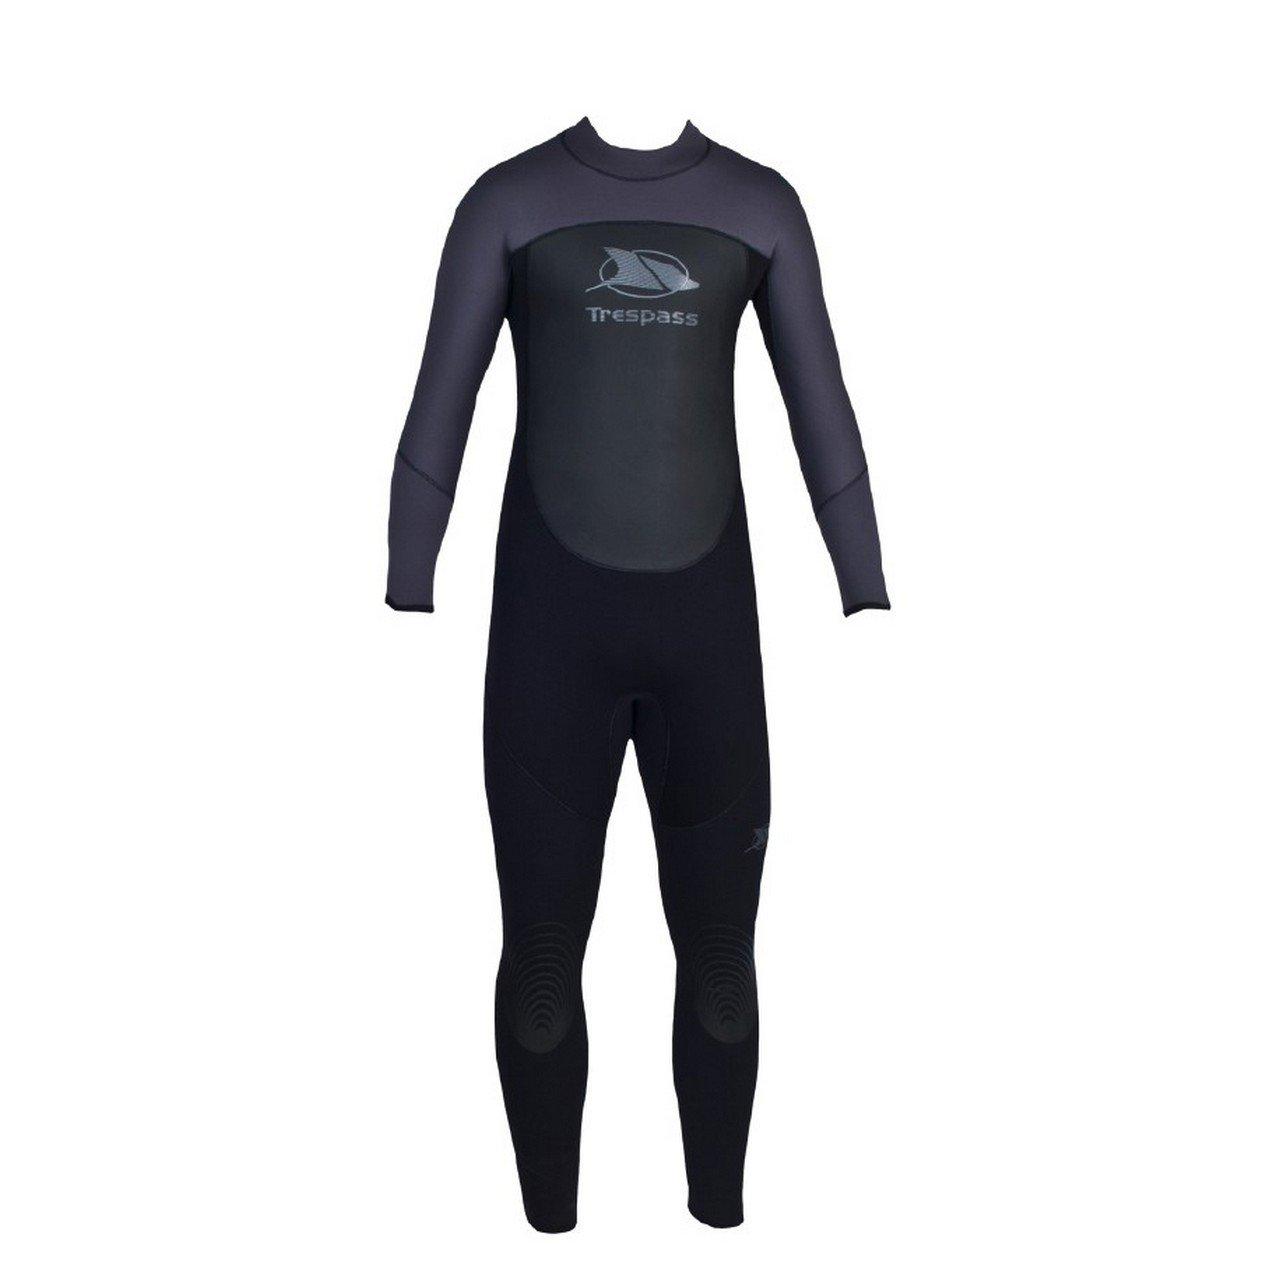 Trespass Diver Mens 5mm Full Length Neoprene Wetsuit (XS) (Black) by Trespass